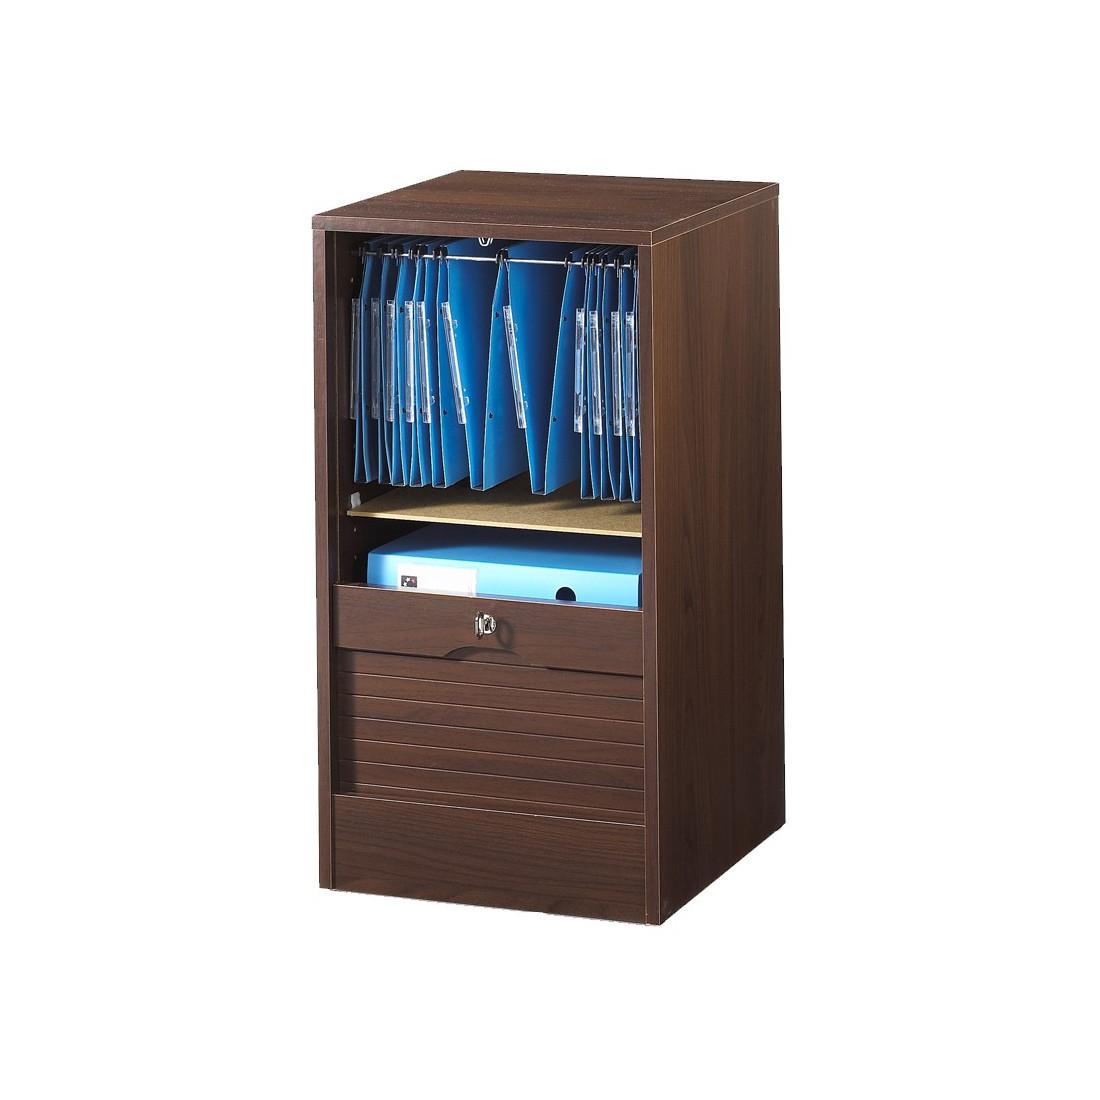 classeur rideau weng taille s klass univers du bureau. Black Bedroom Furniture Sets. Home Design Ideas